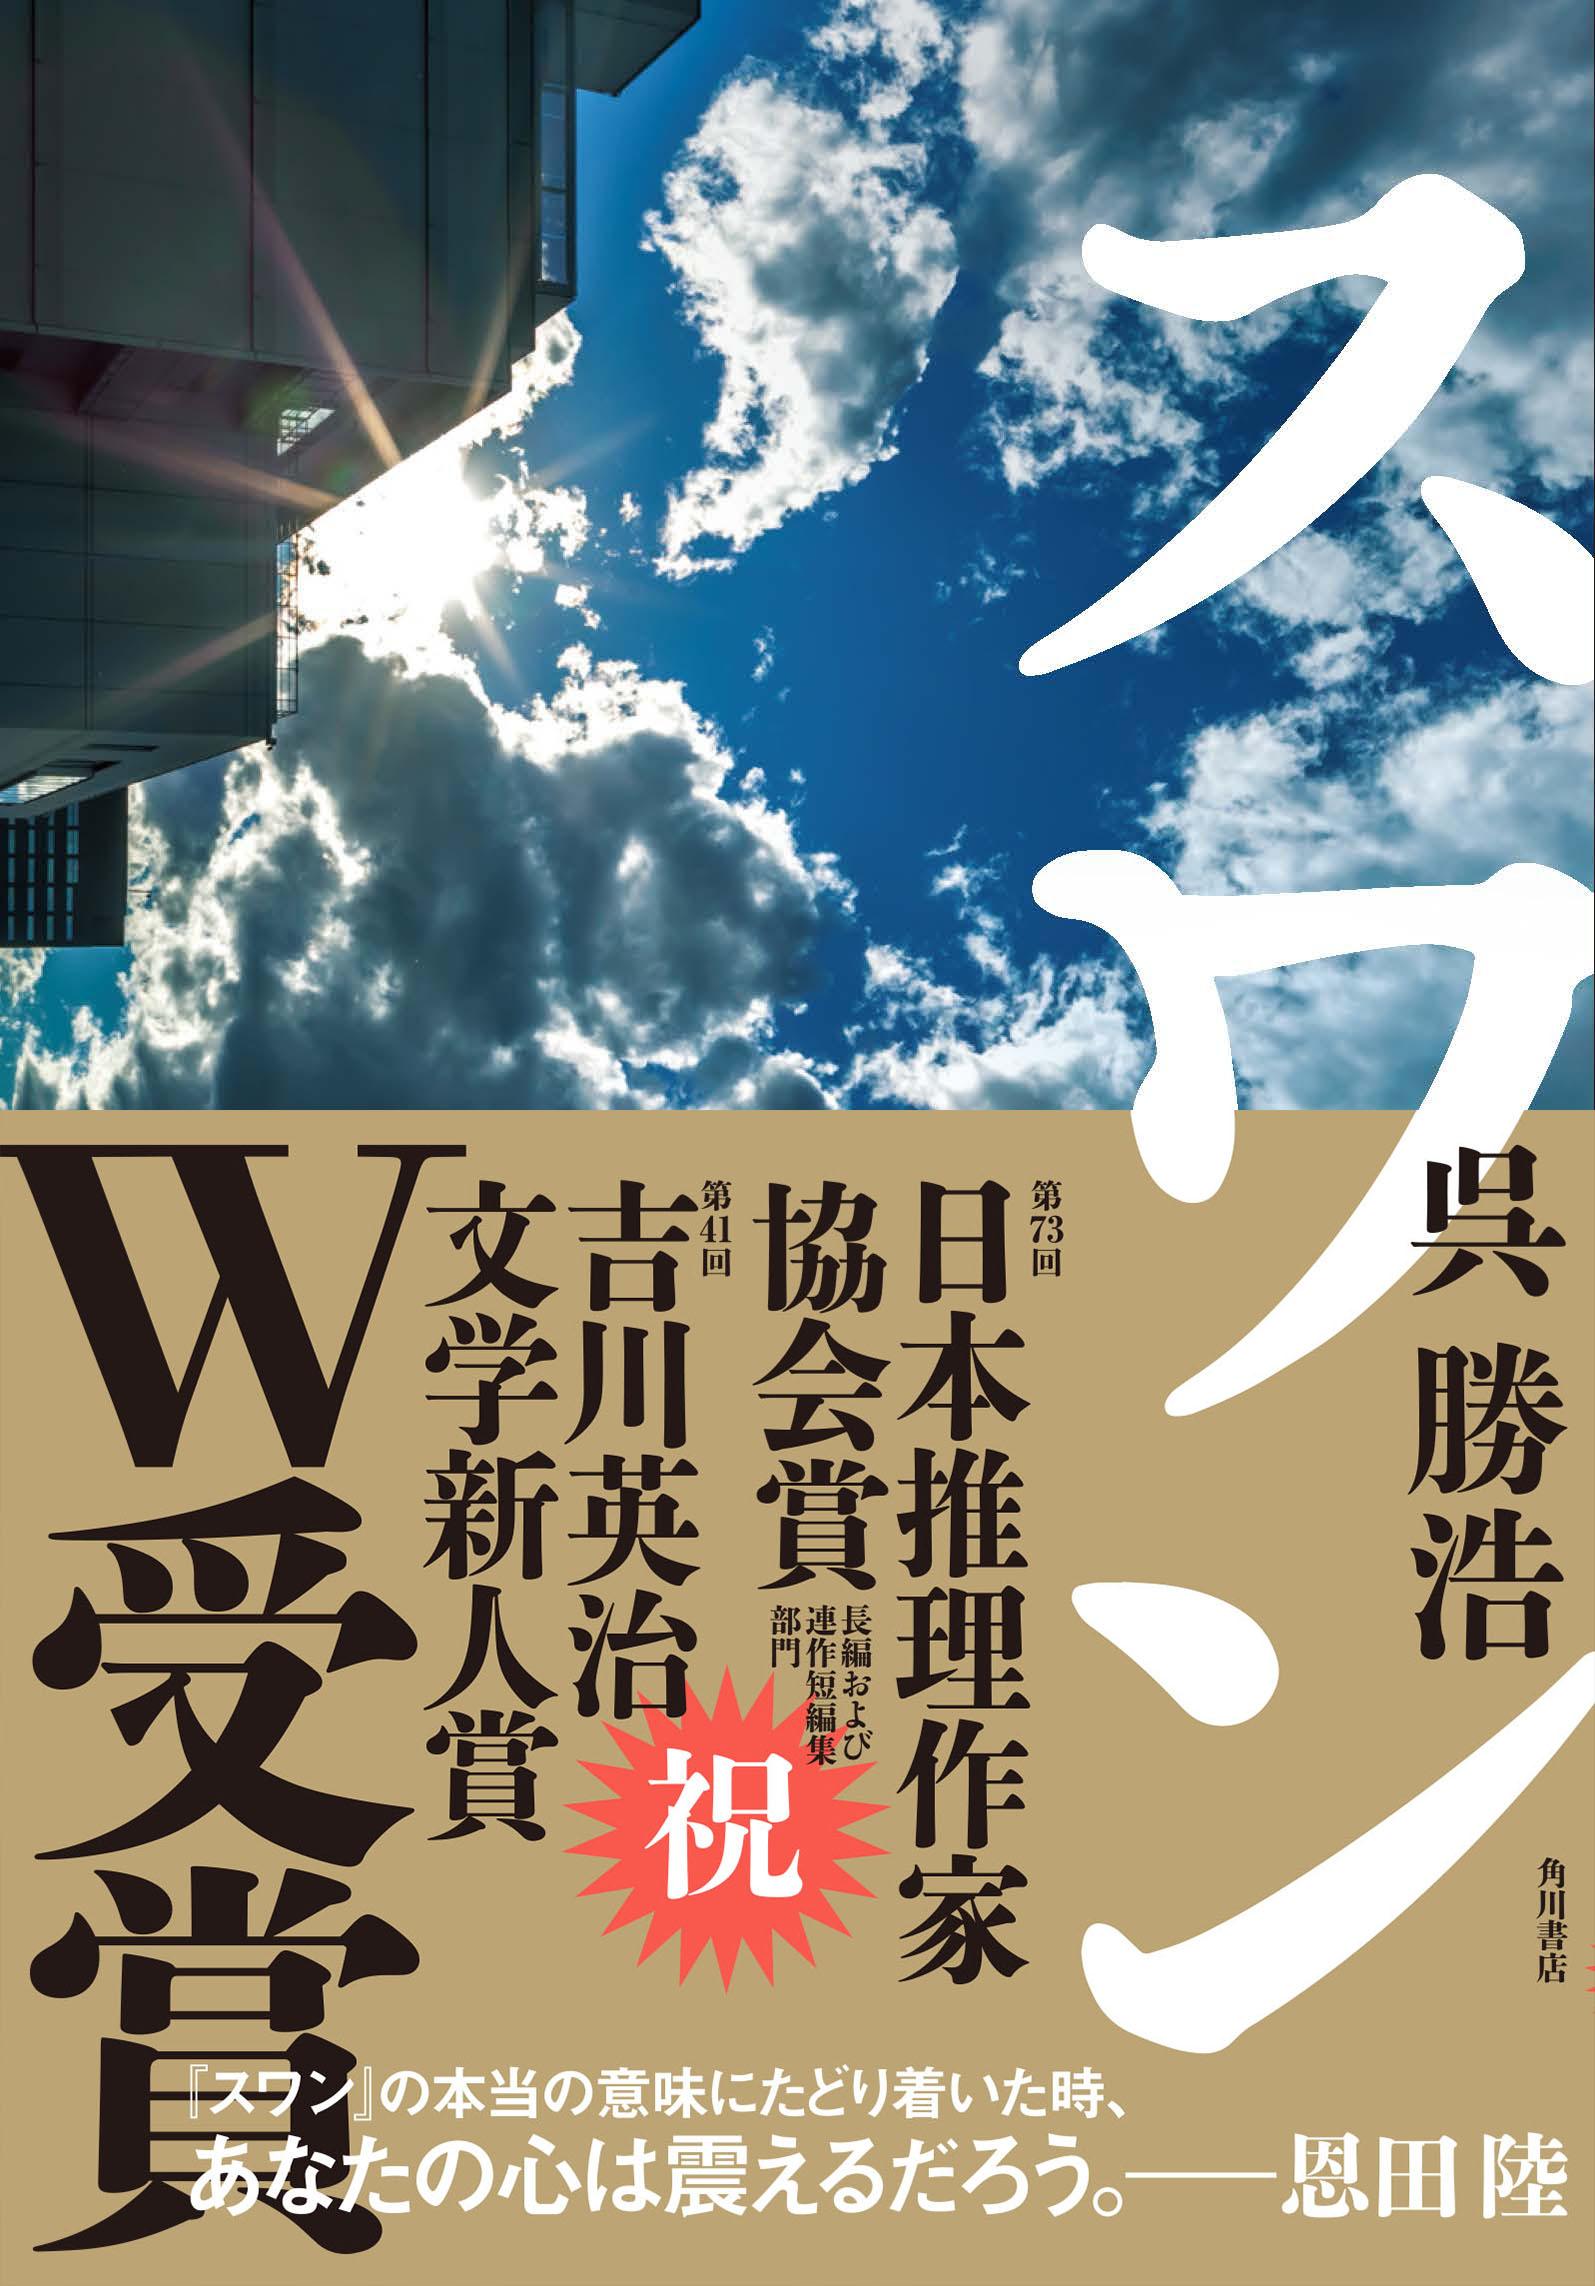 呉勝浩『スワン』第73回日本推理作家協会賞〈長編および連作短編集部門〉受賞! 画像